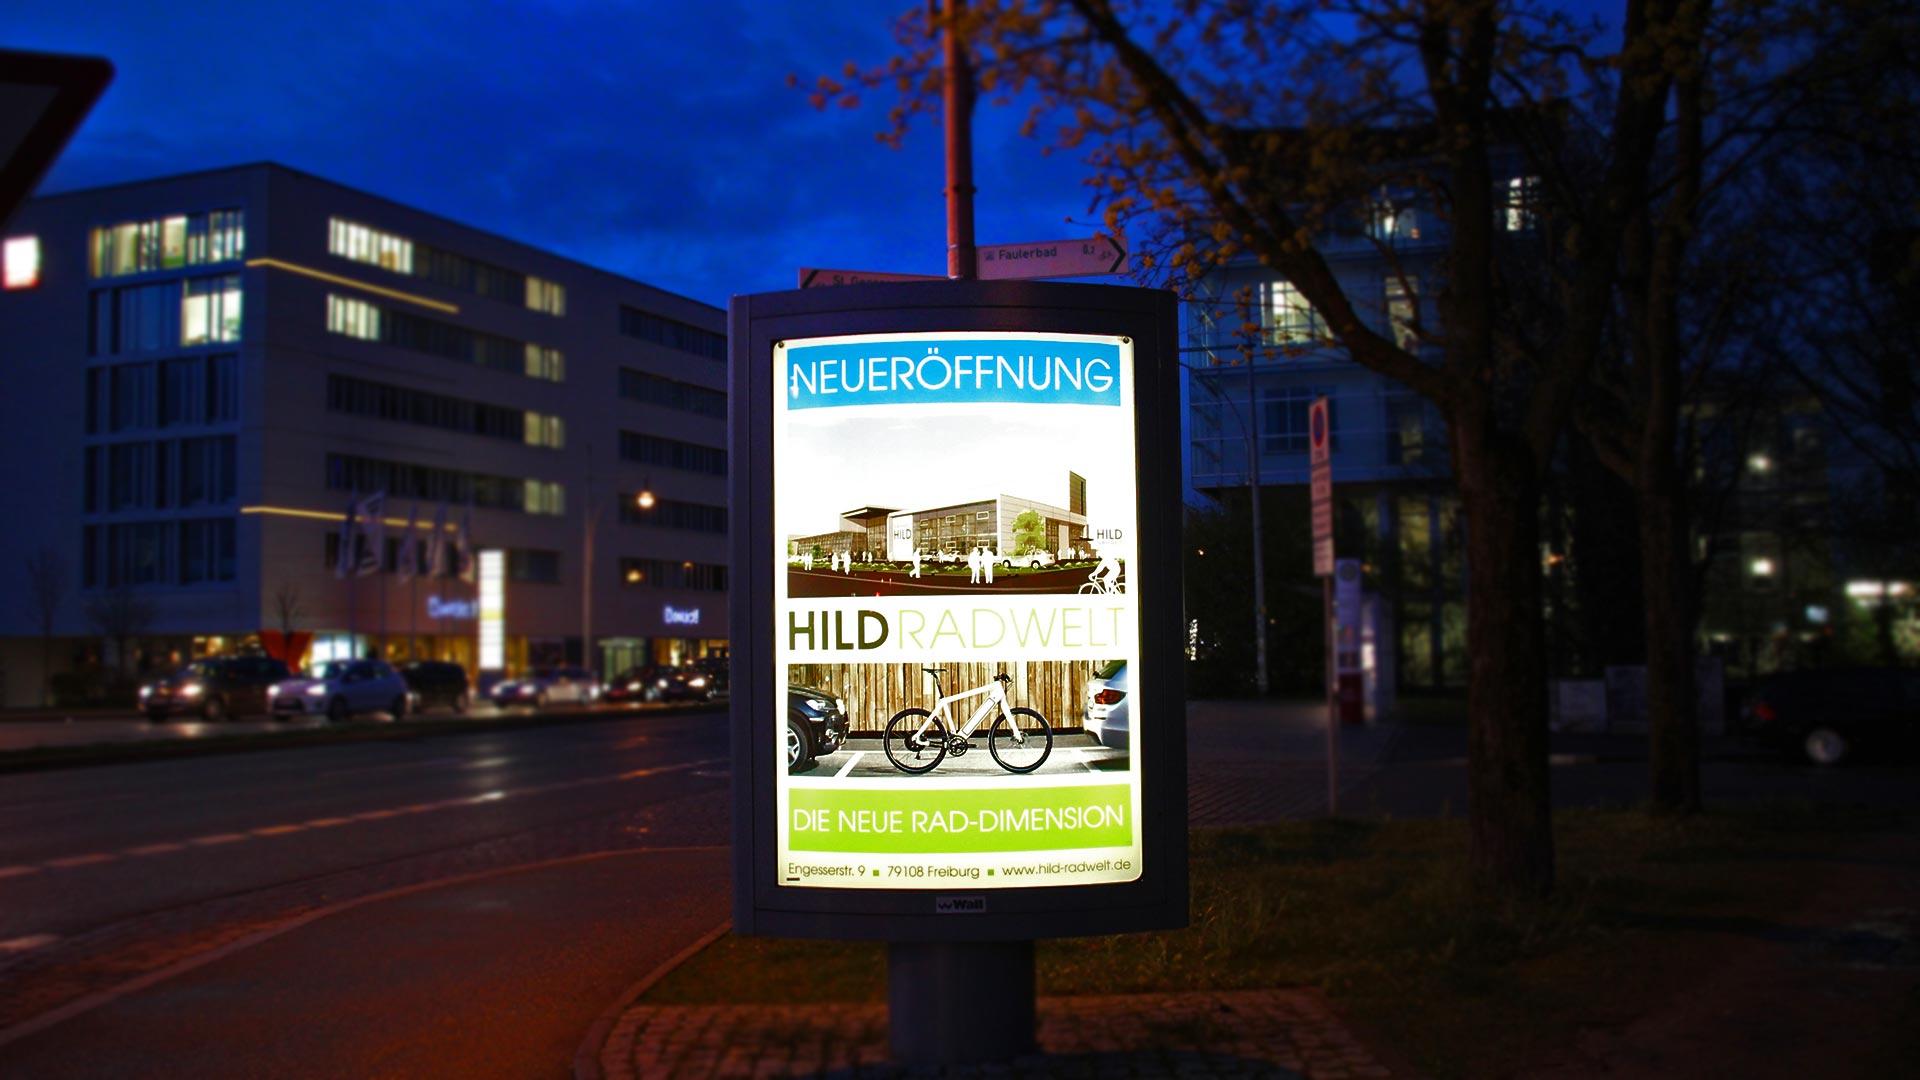 FOTOAUFNAHMEN UNSERER CITY-LIGHTS WERBEPOSTER FÜR HILD - FOTOAUFNAHMEN UNSERER CITY-LIGHTS WERBEPOSTER FÜR HILD - Fotoschau DeWo Werbeagentur Gitti Scharfenberg #1